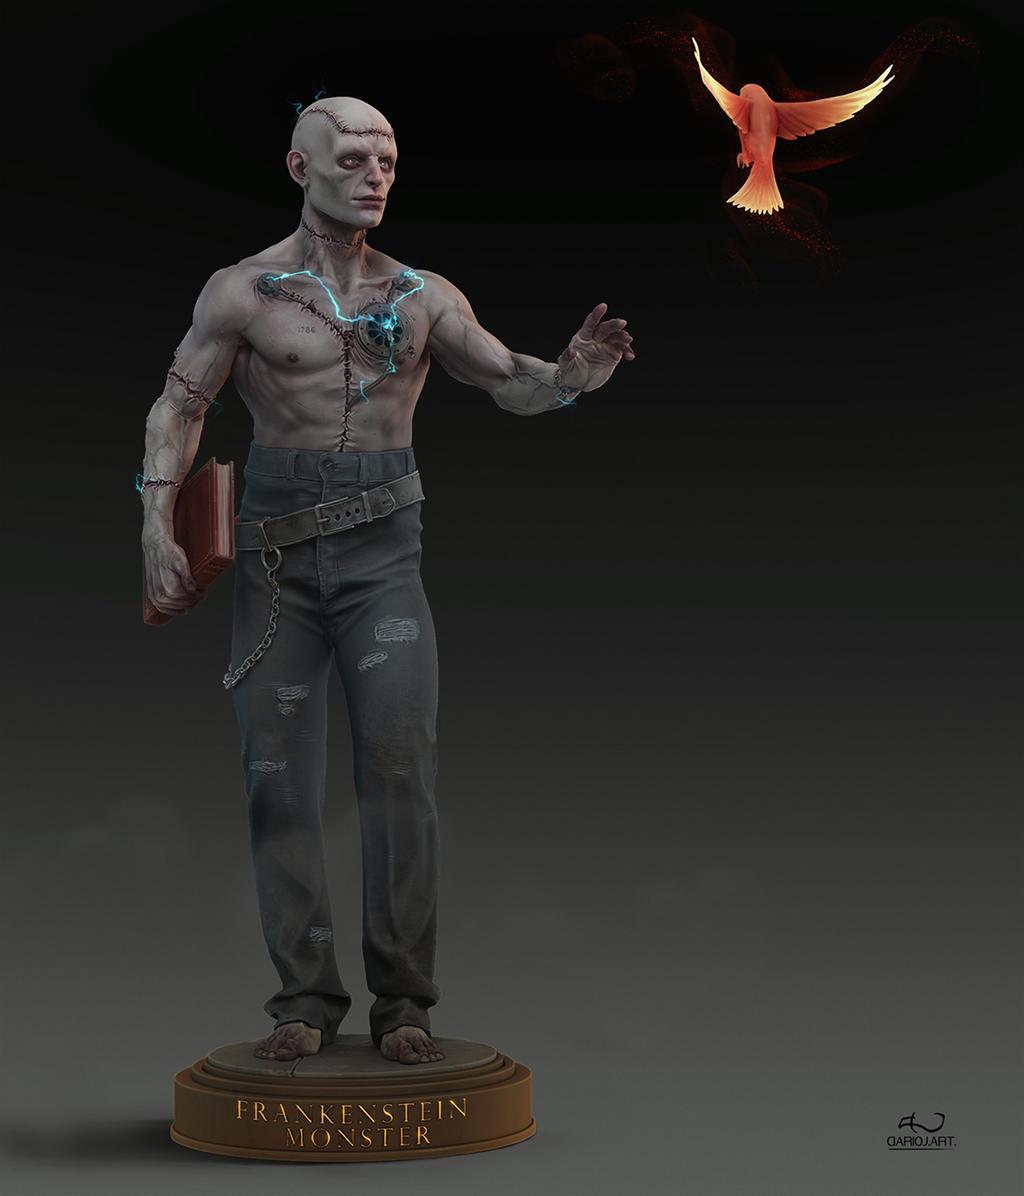 Frankenstein monster by DarioJart